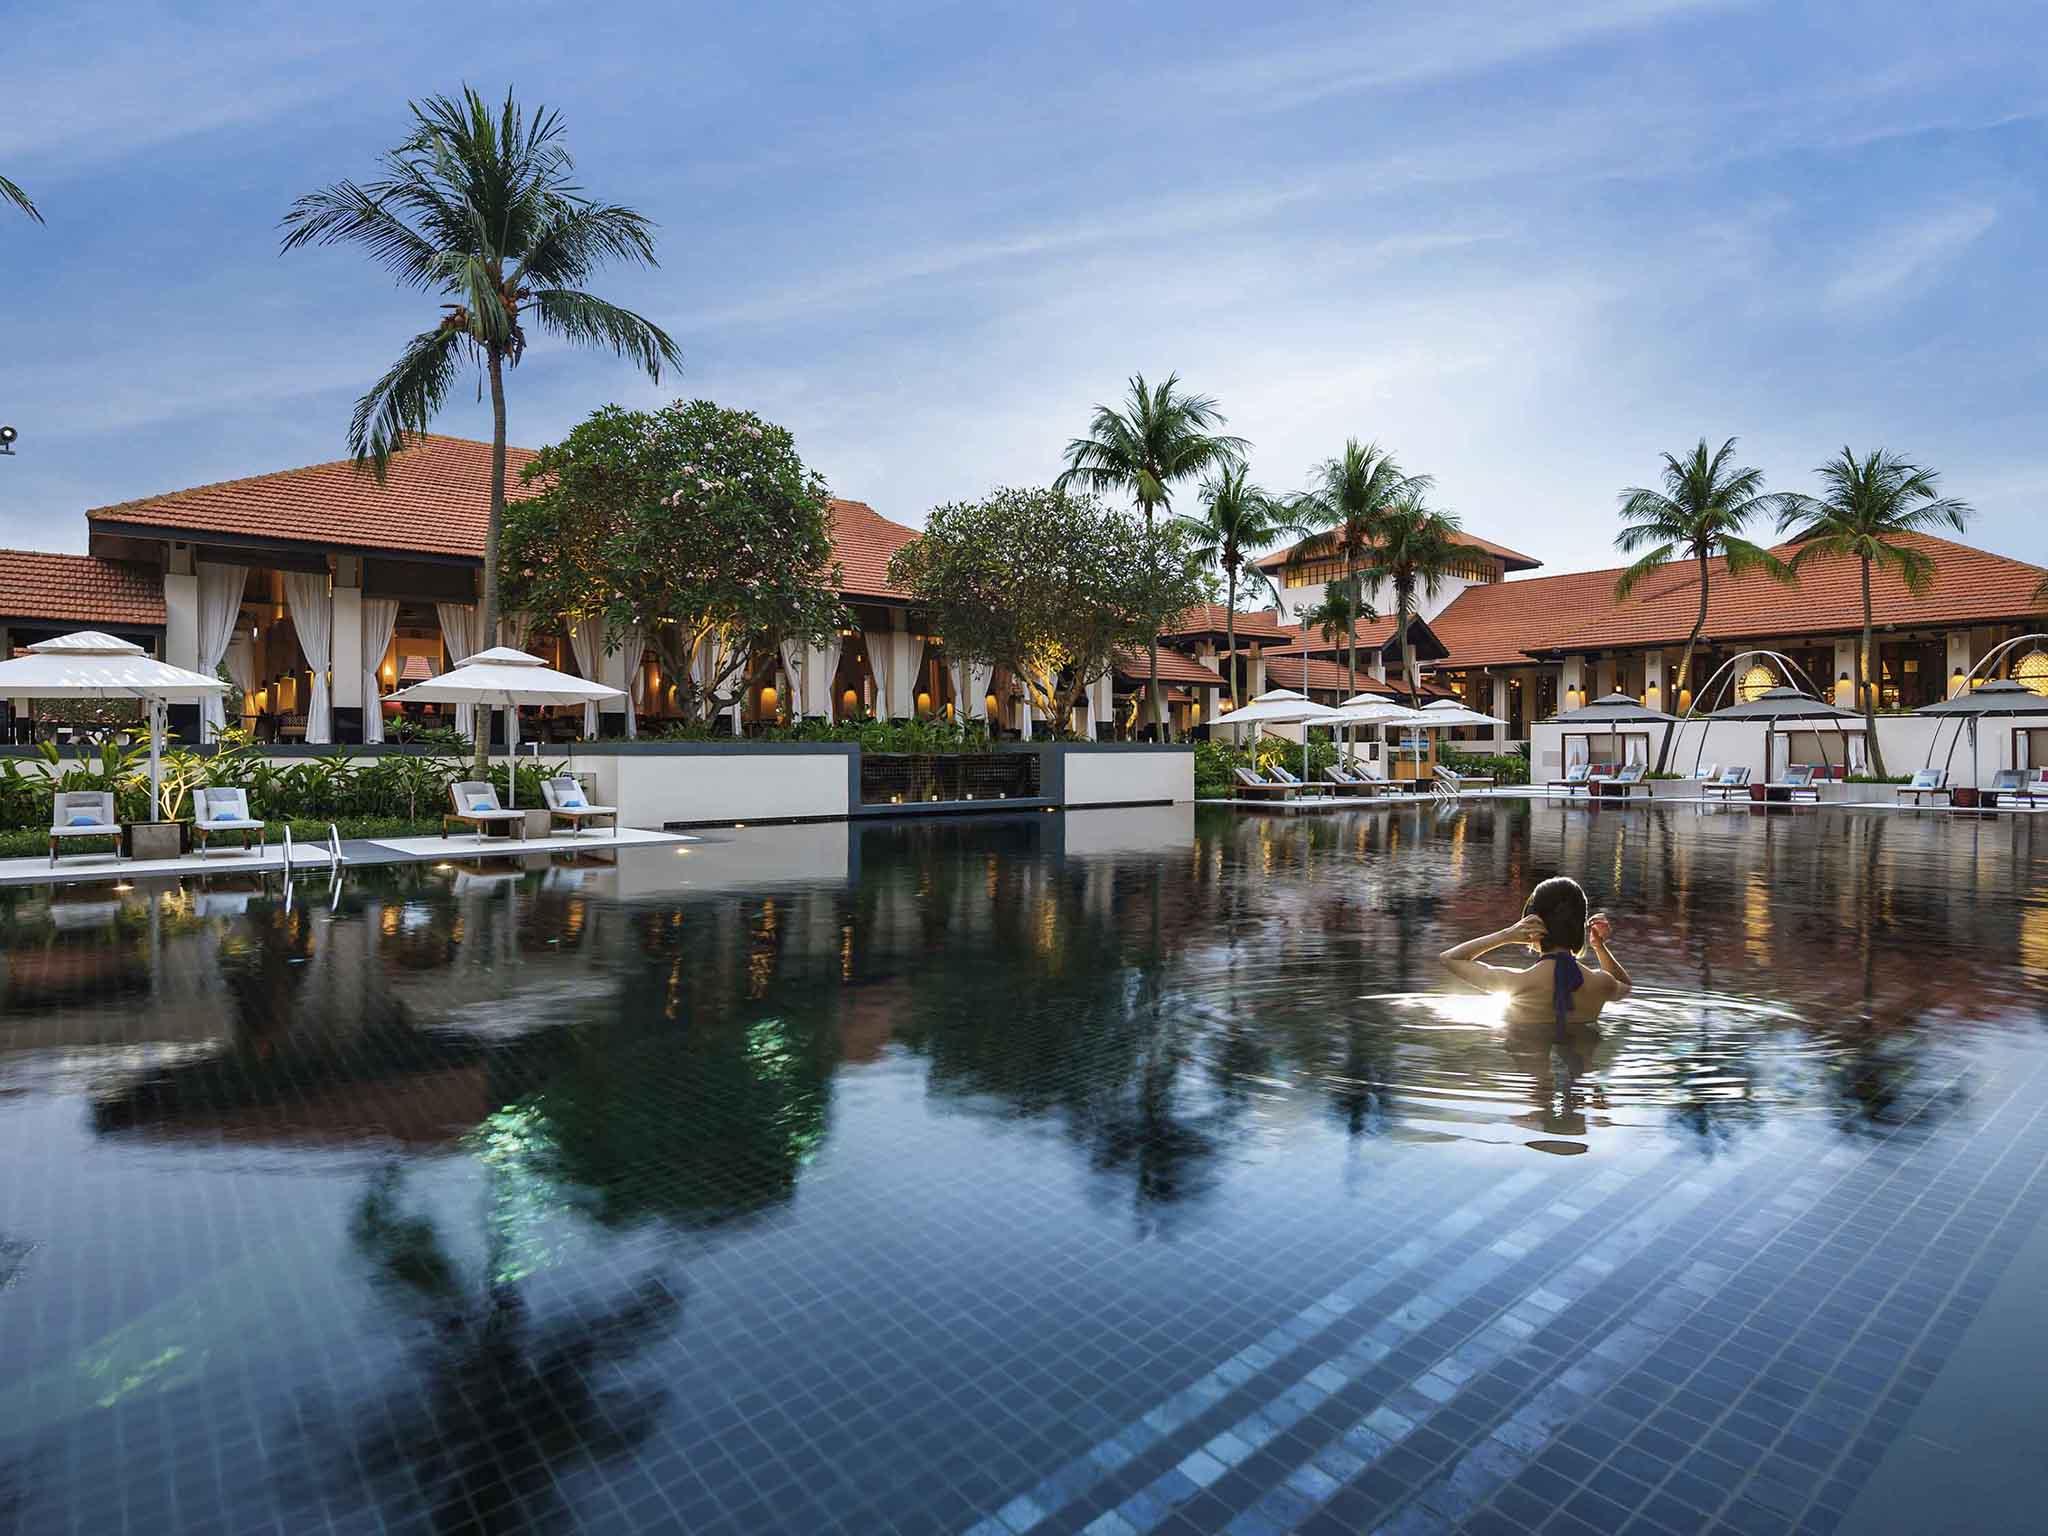 โรงแรม – โซฟิเทล สิงคโปร์ เซ็นโตซ่า รีสอร์ท แอนด์ สปา